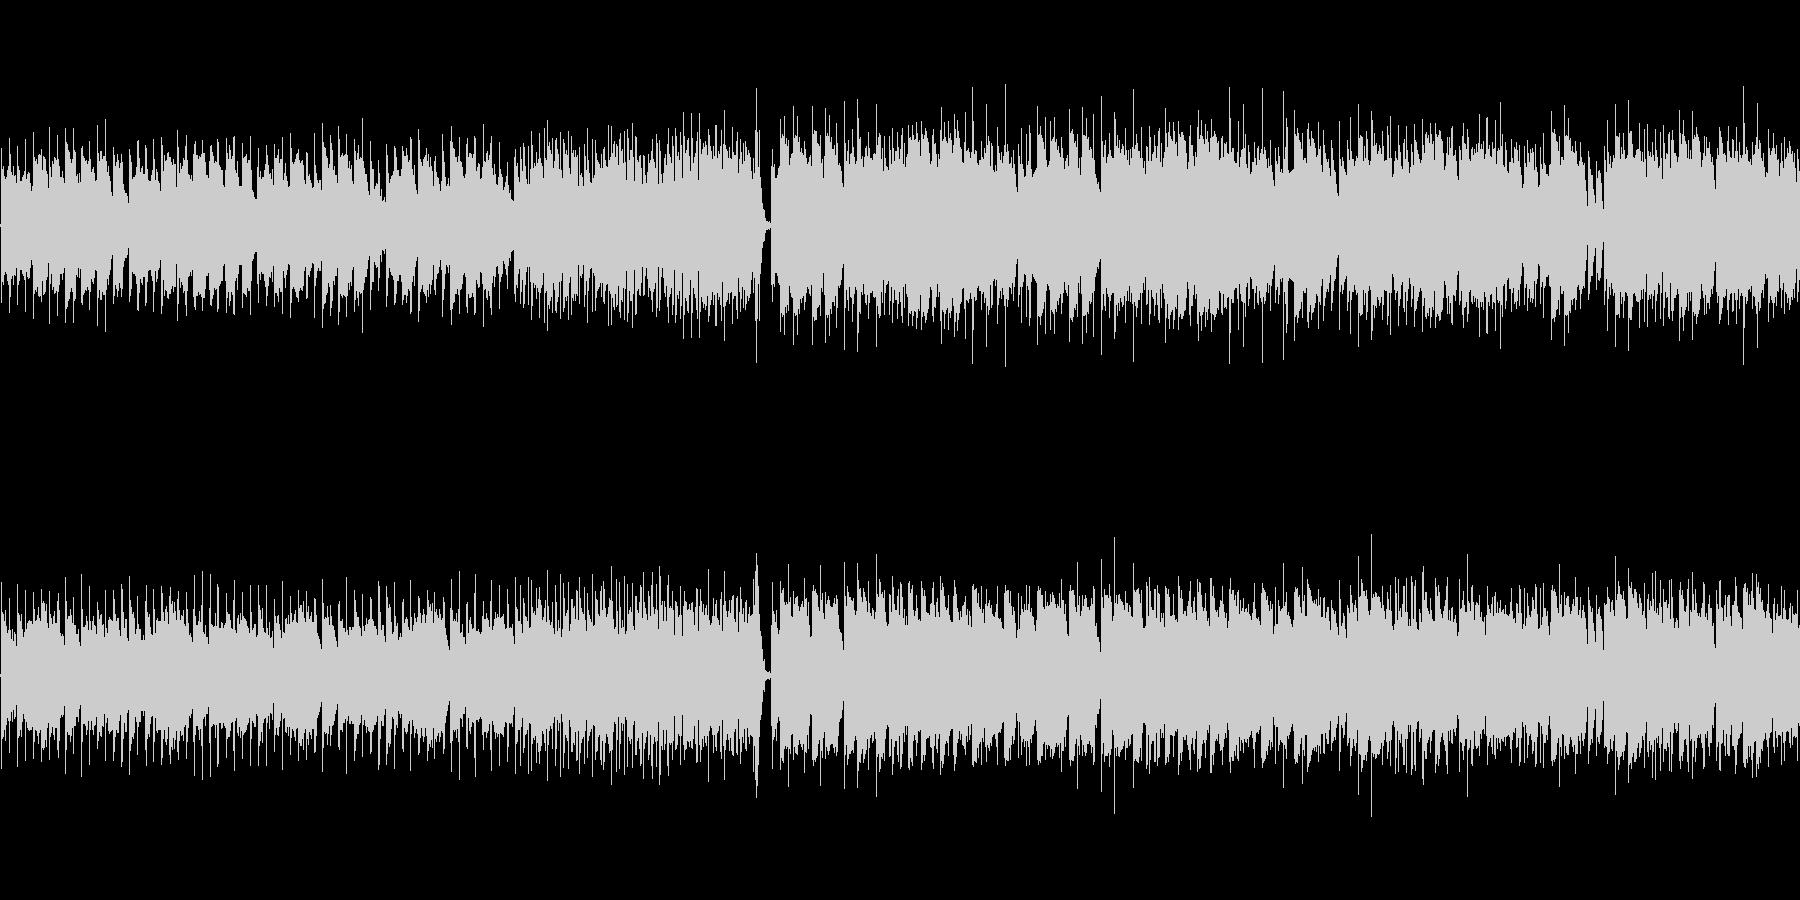 【ピアノメインのポップス】の未再生の波形